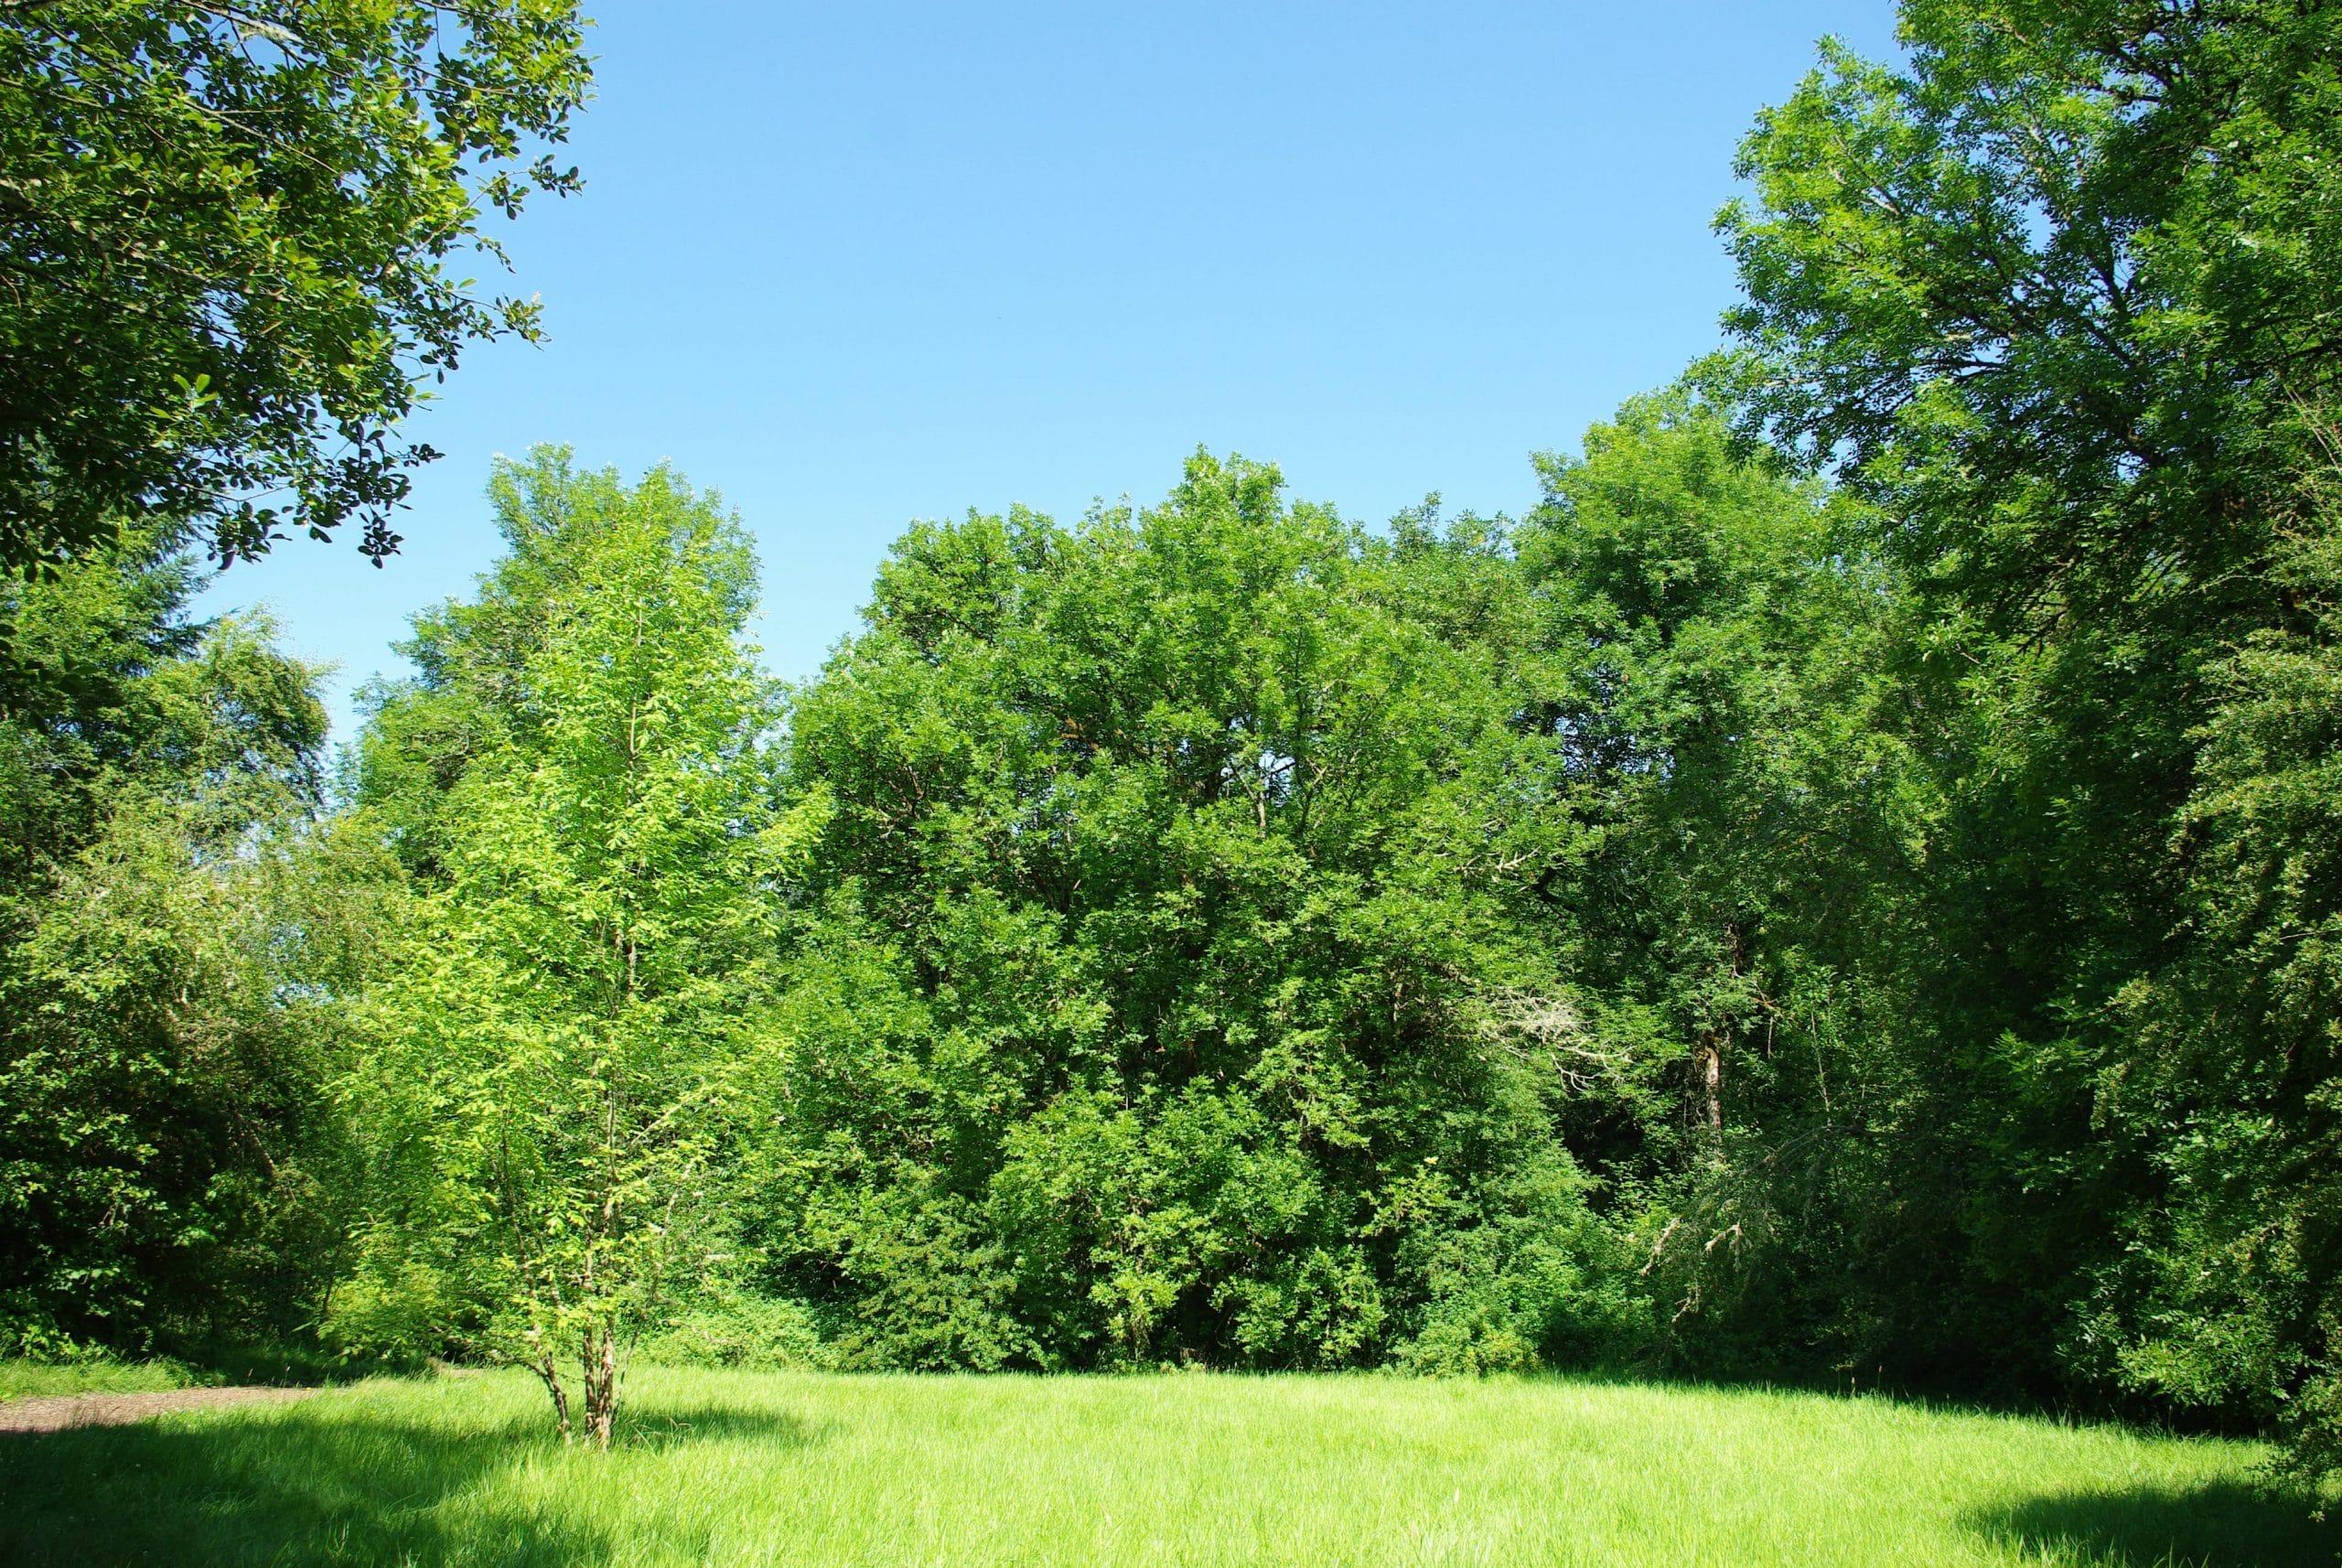 Árboles en un parque